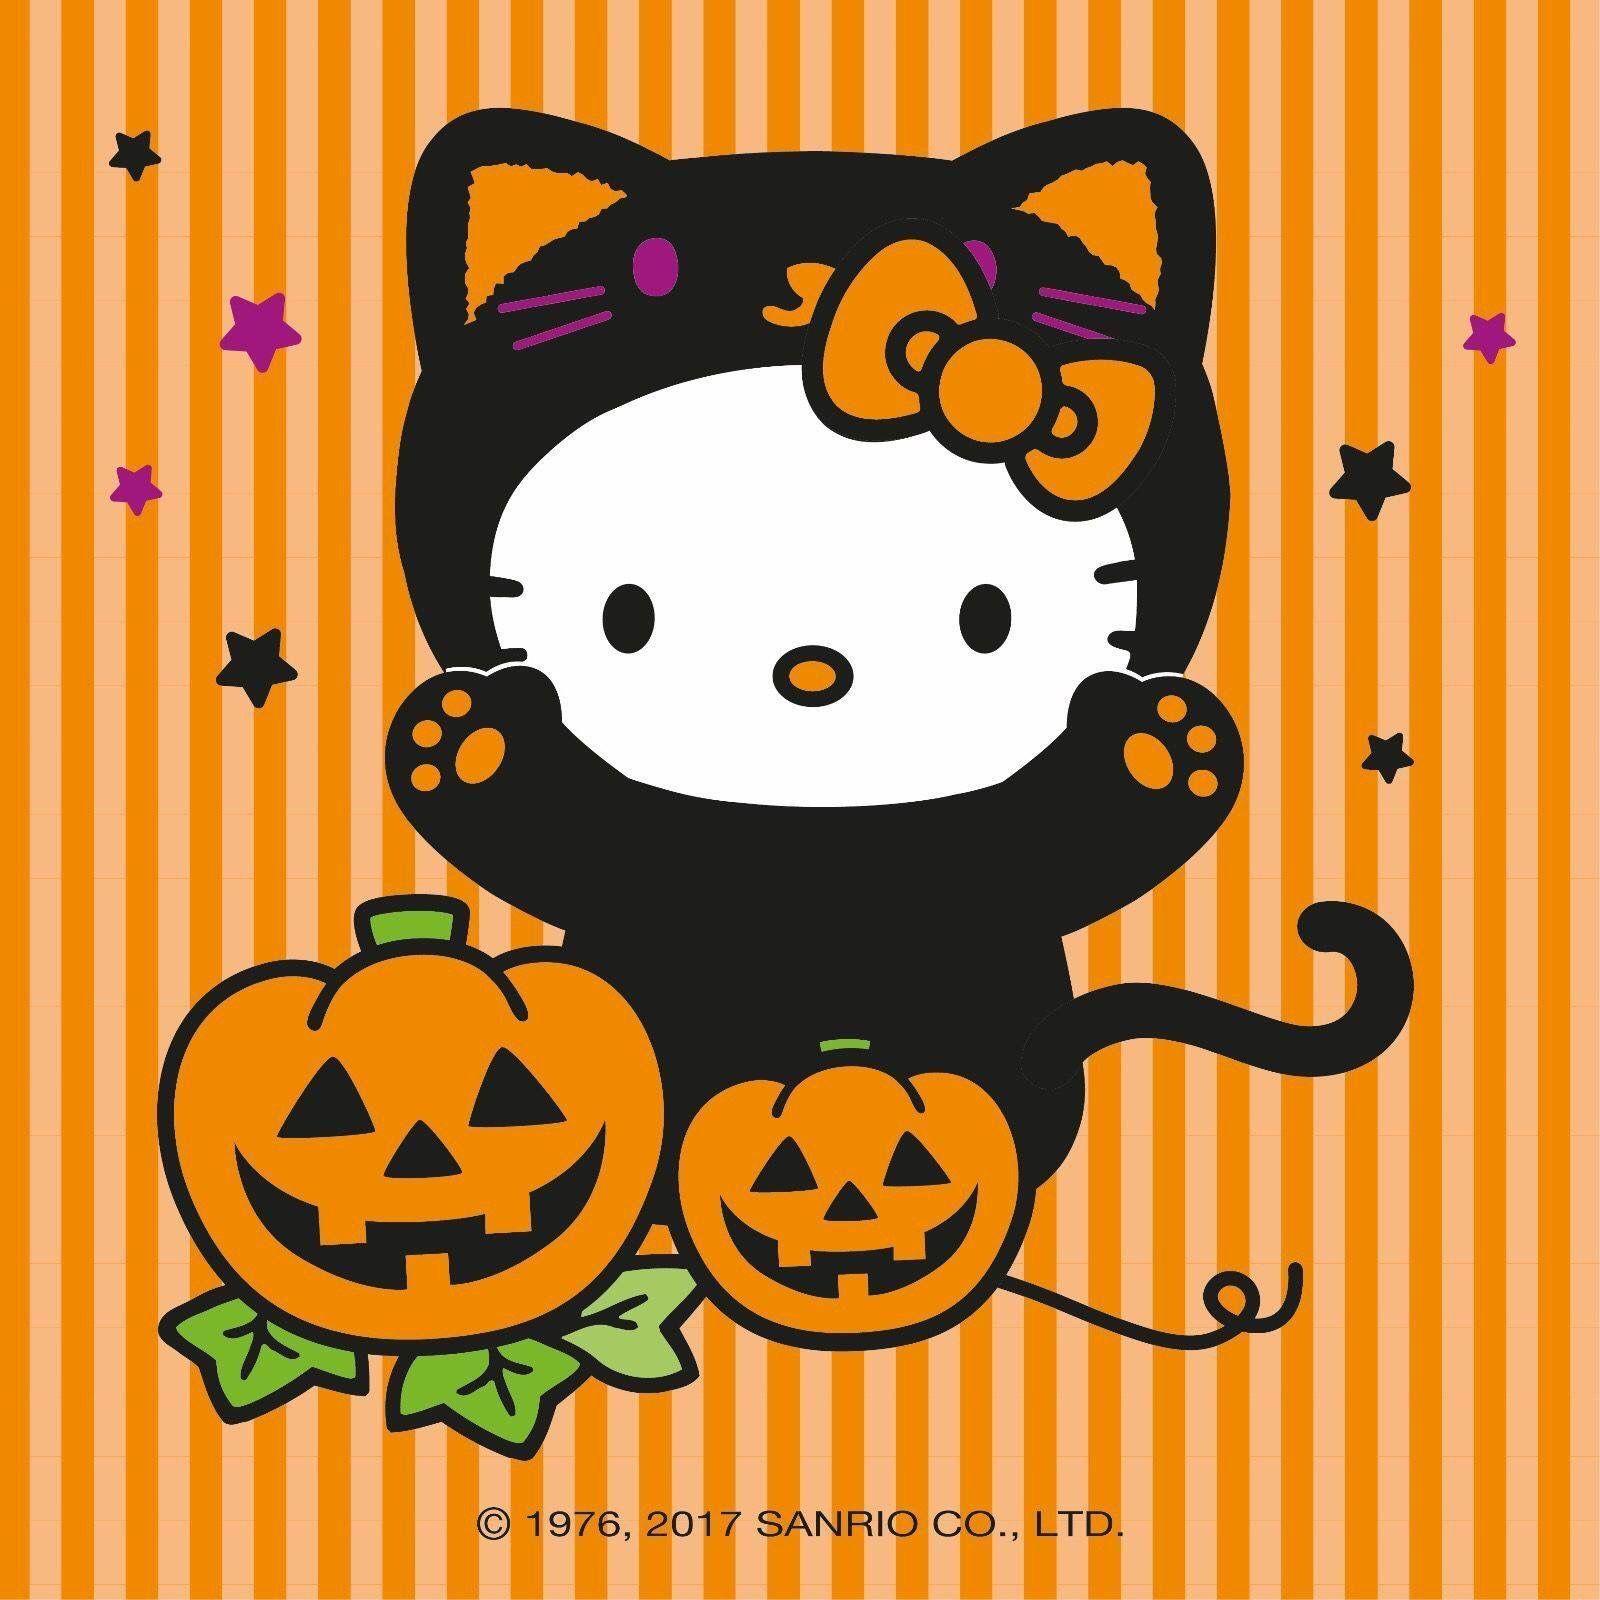 Happy Halloween Hellokitty Hello Kitty Halloween Hello Kitty Crafts Hello Kitty Wallpaper